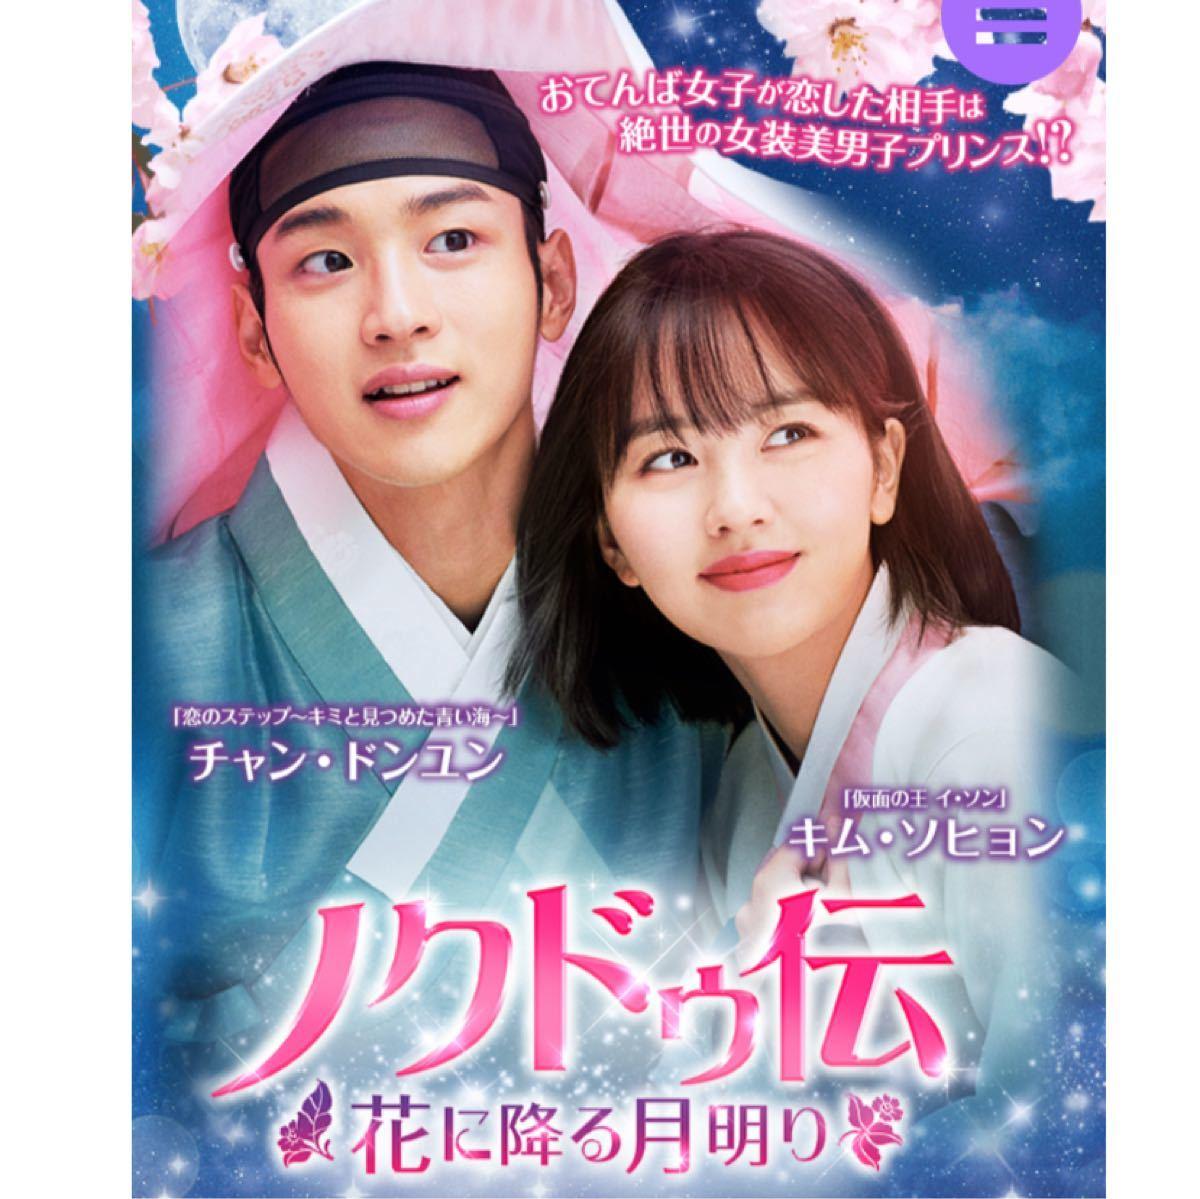 ☆韓国ドラマ☆『ノクドゥ伝ー花の降る月明かり』Blu-ray  全話CDケース入